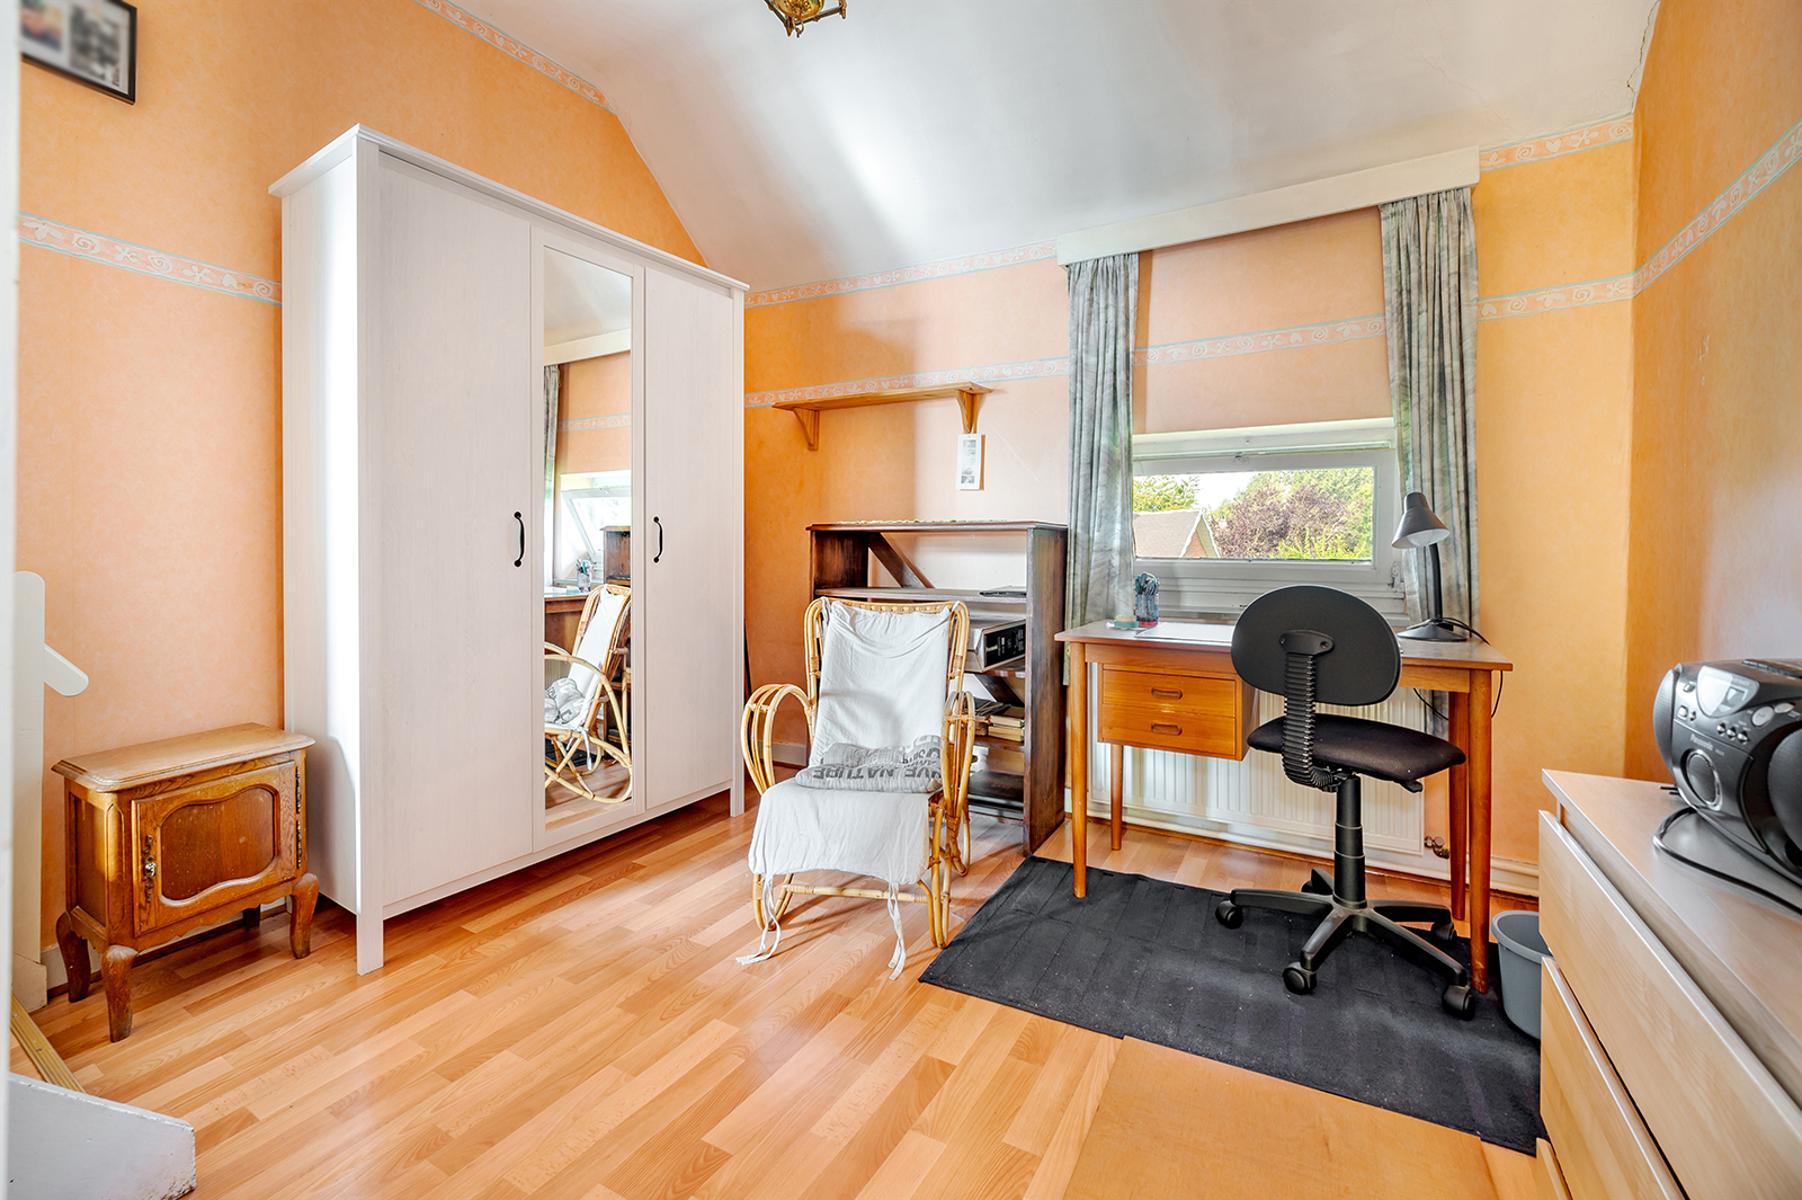 Maison - Braives Villeen-Hesbaye - #4496111-17